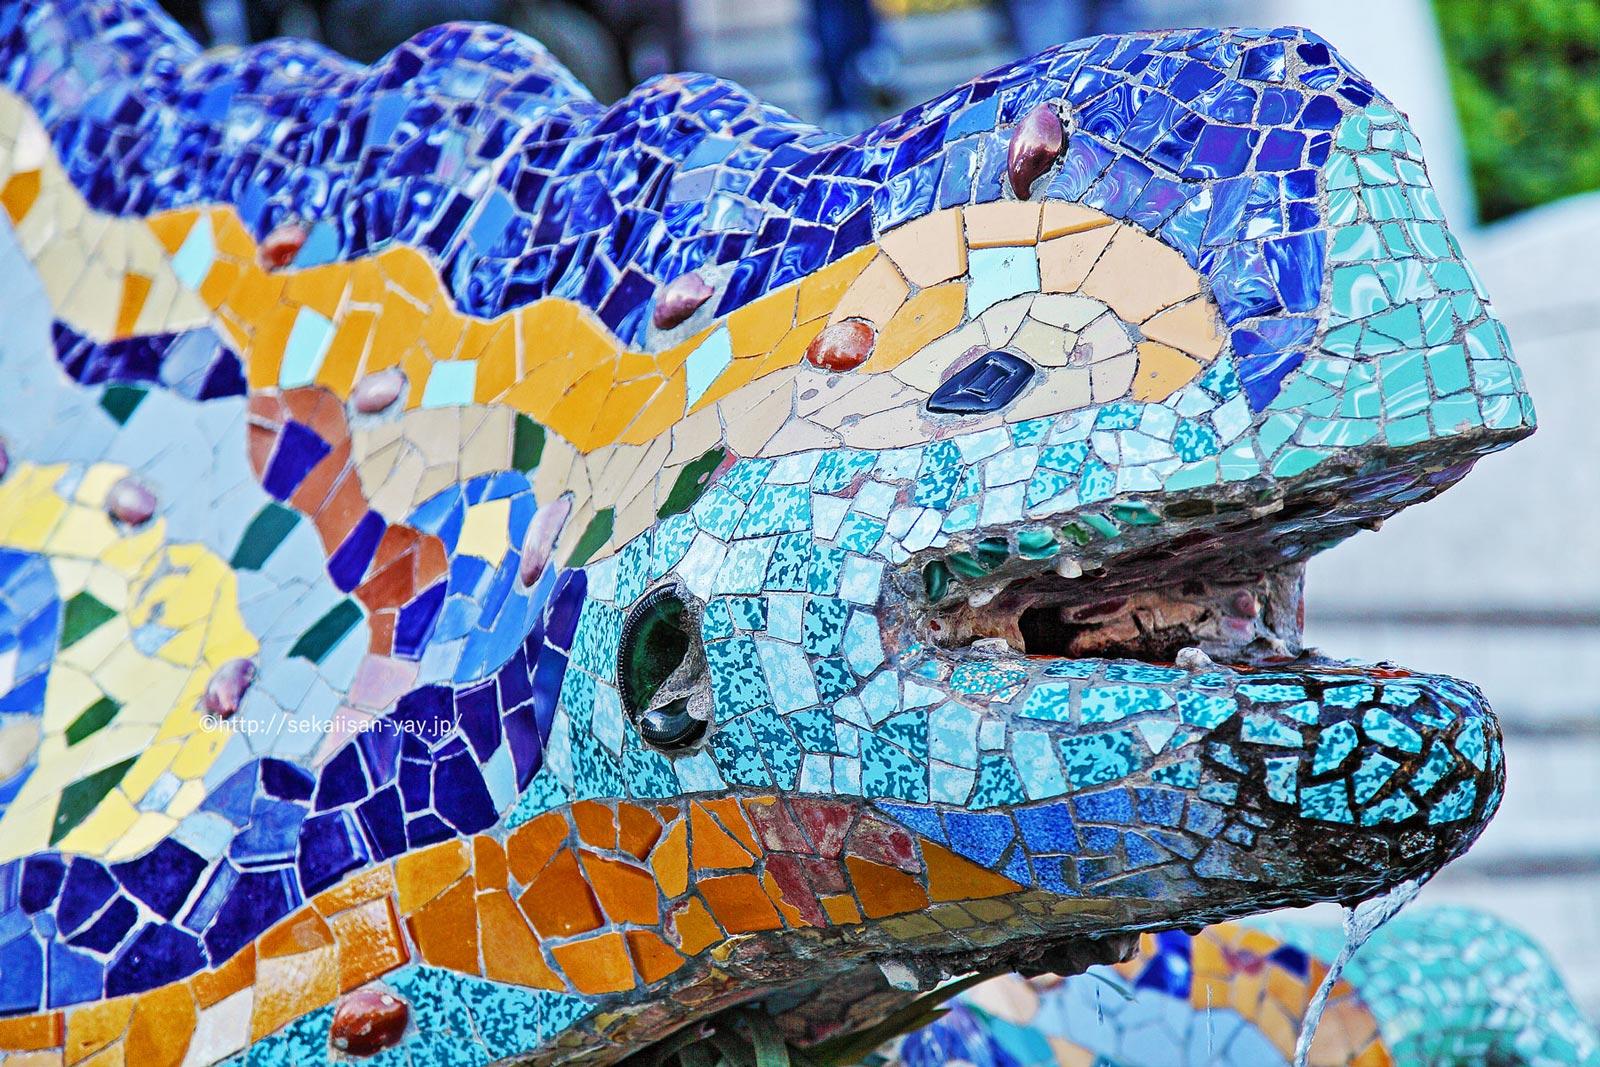 スペイン「アントニ・ガウディの作品群」- グエル公園